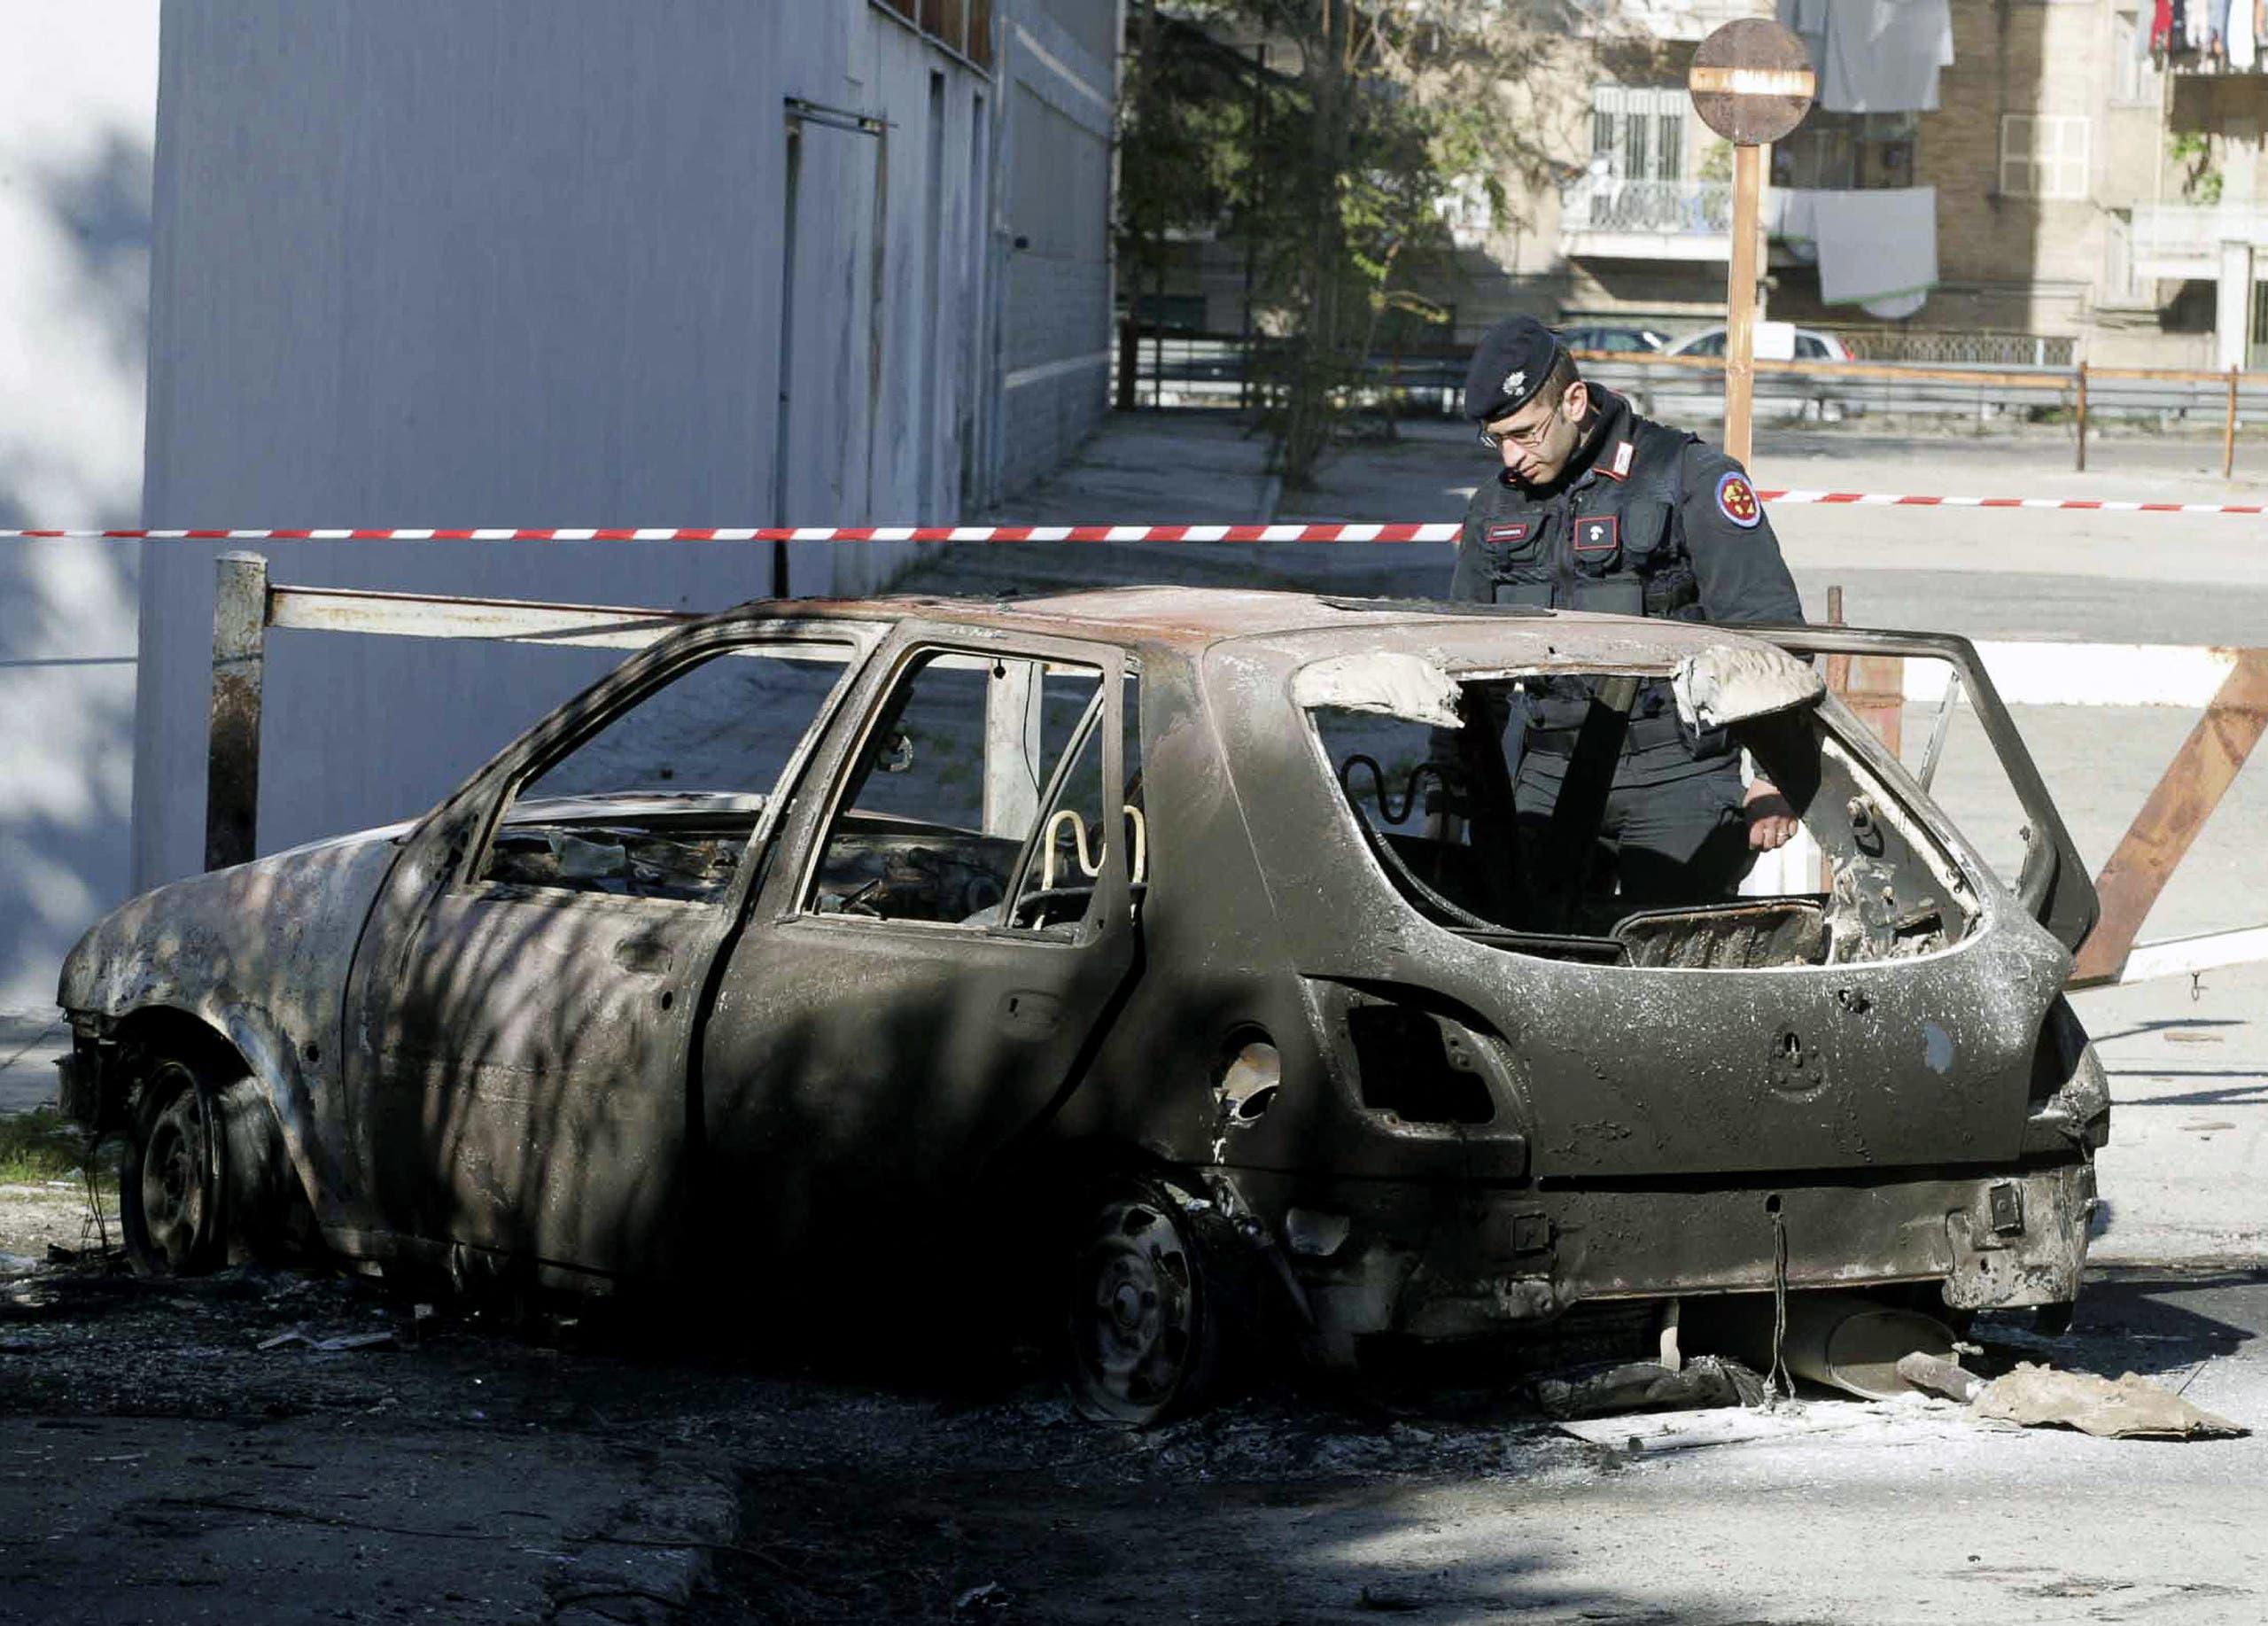 جريمة على صلة بالمافيا في ضاحية سيكونديليانو في نابولي في 2004